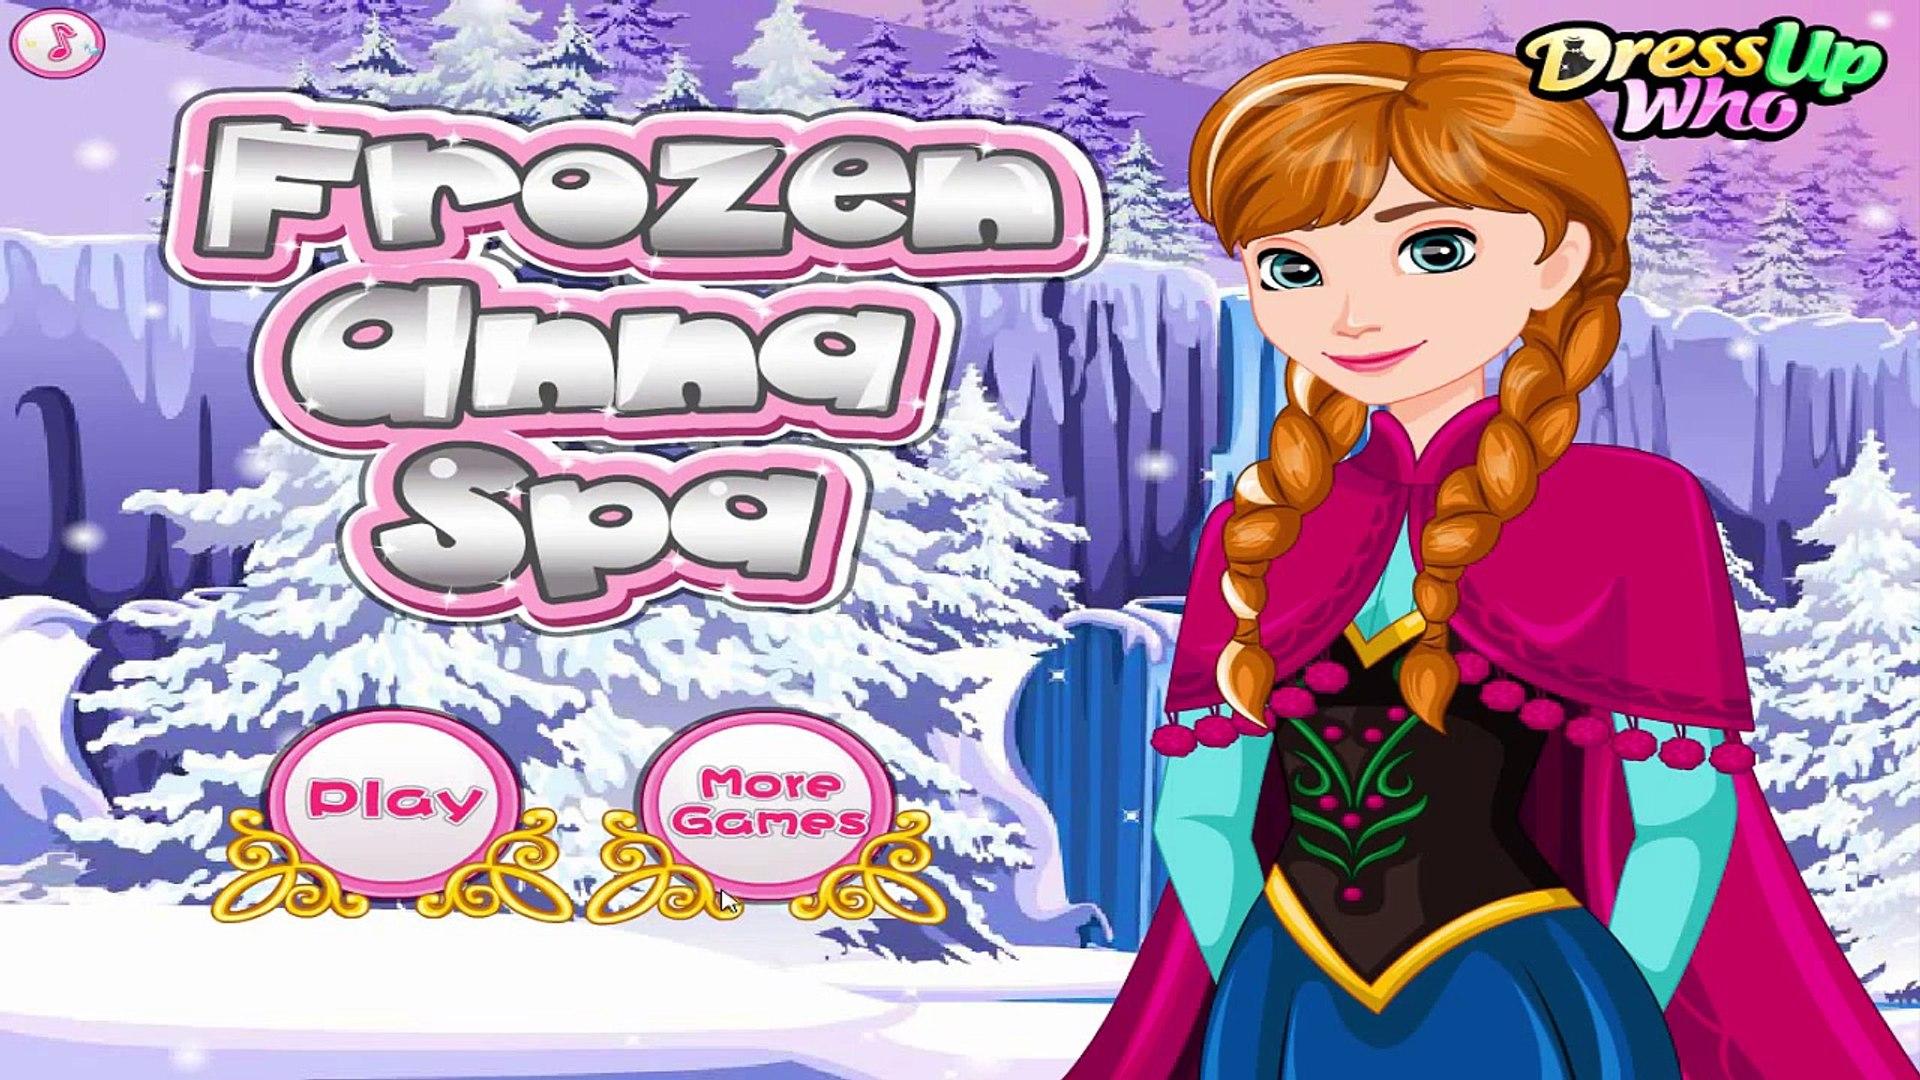 в и к и Анна дисней Пасха Эльза для замороженные весело Игры Дети Принцесса